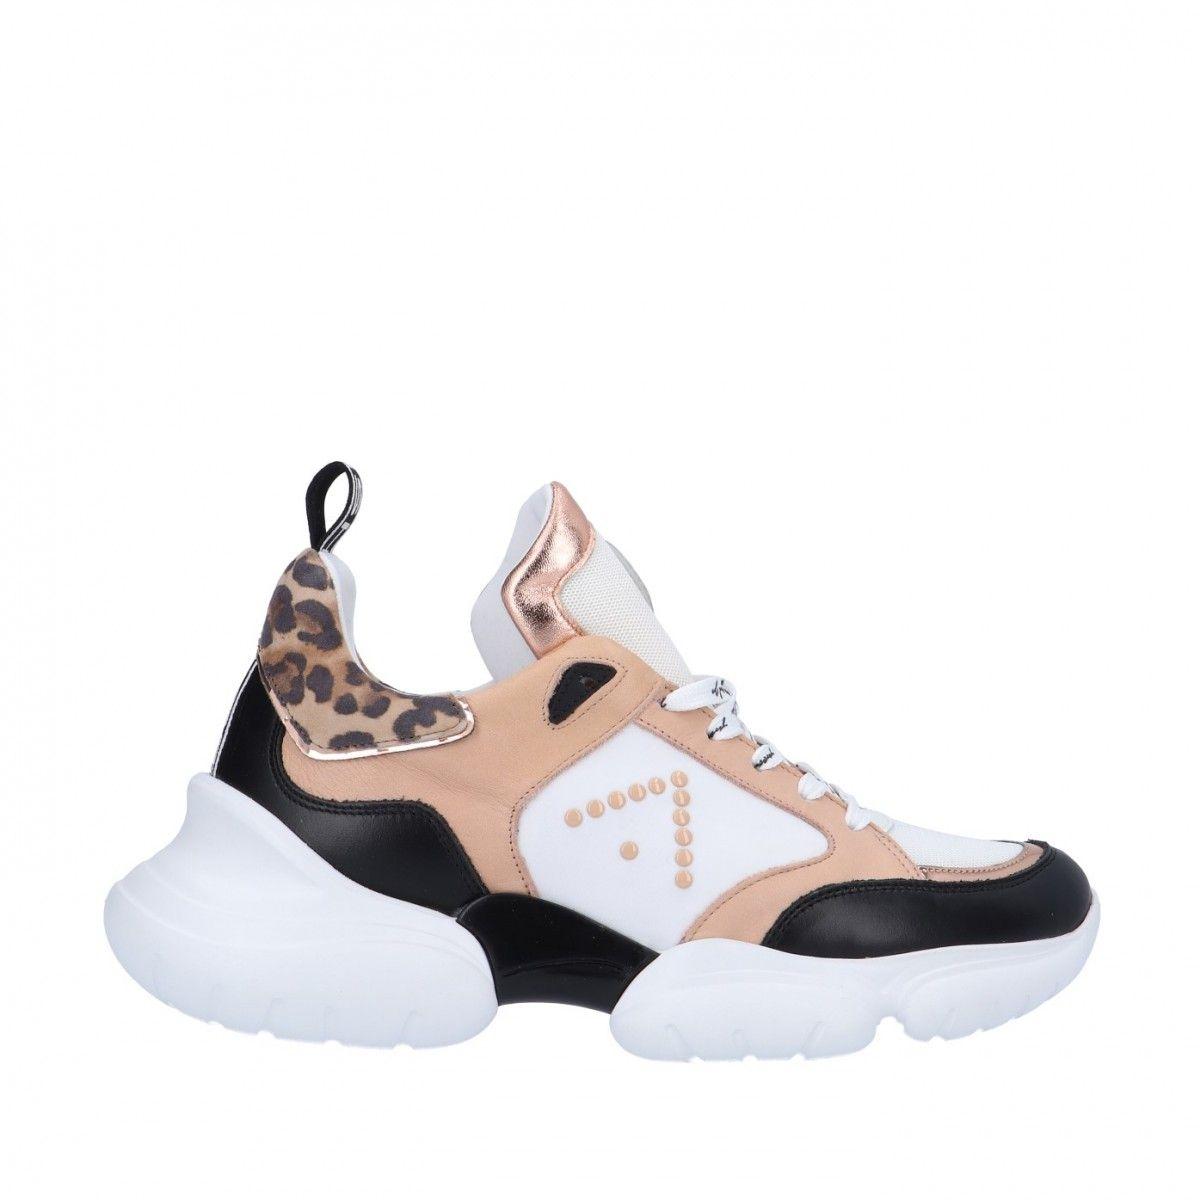 Ed parrish Sneaker Beige Gomma LKLD-AP11